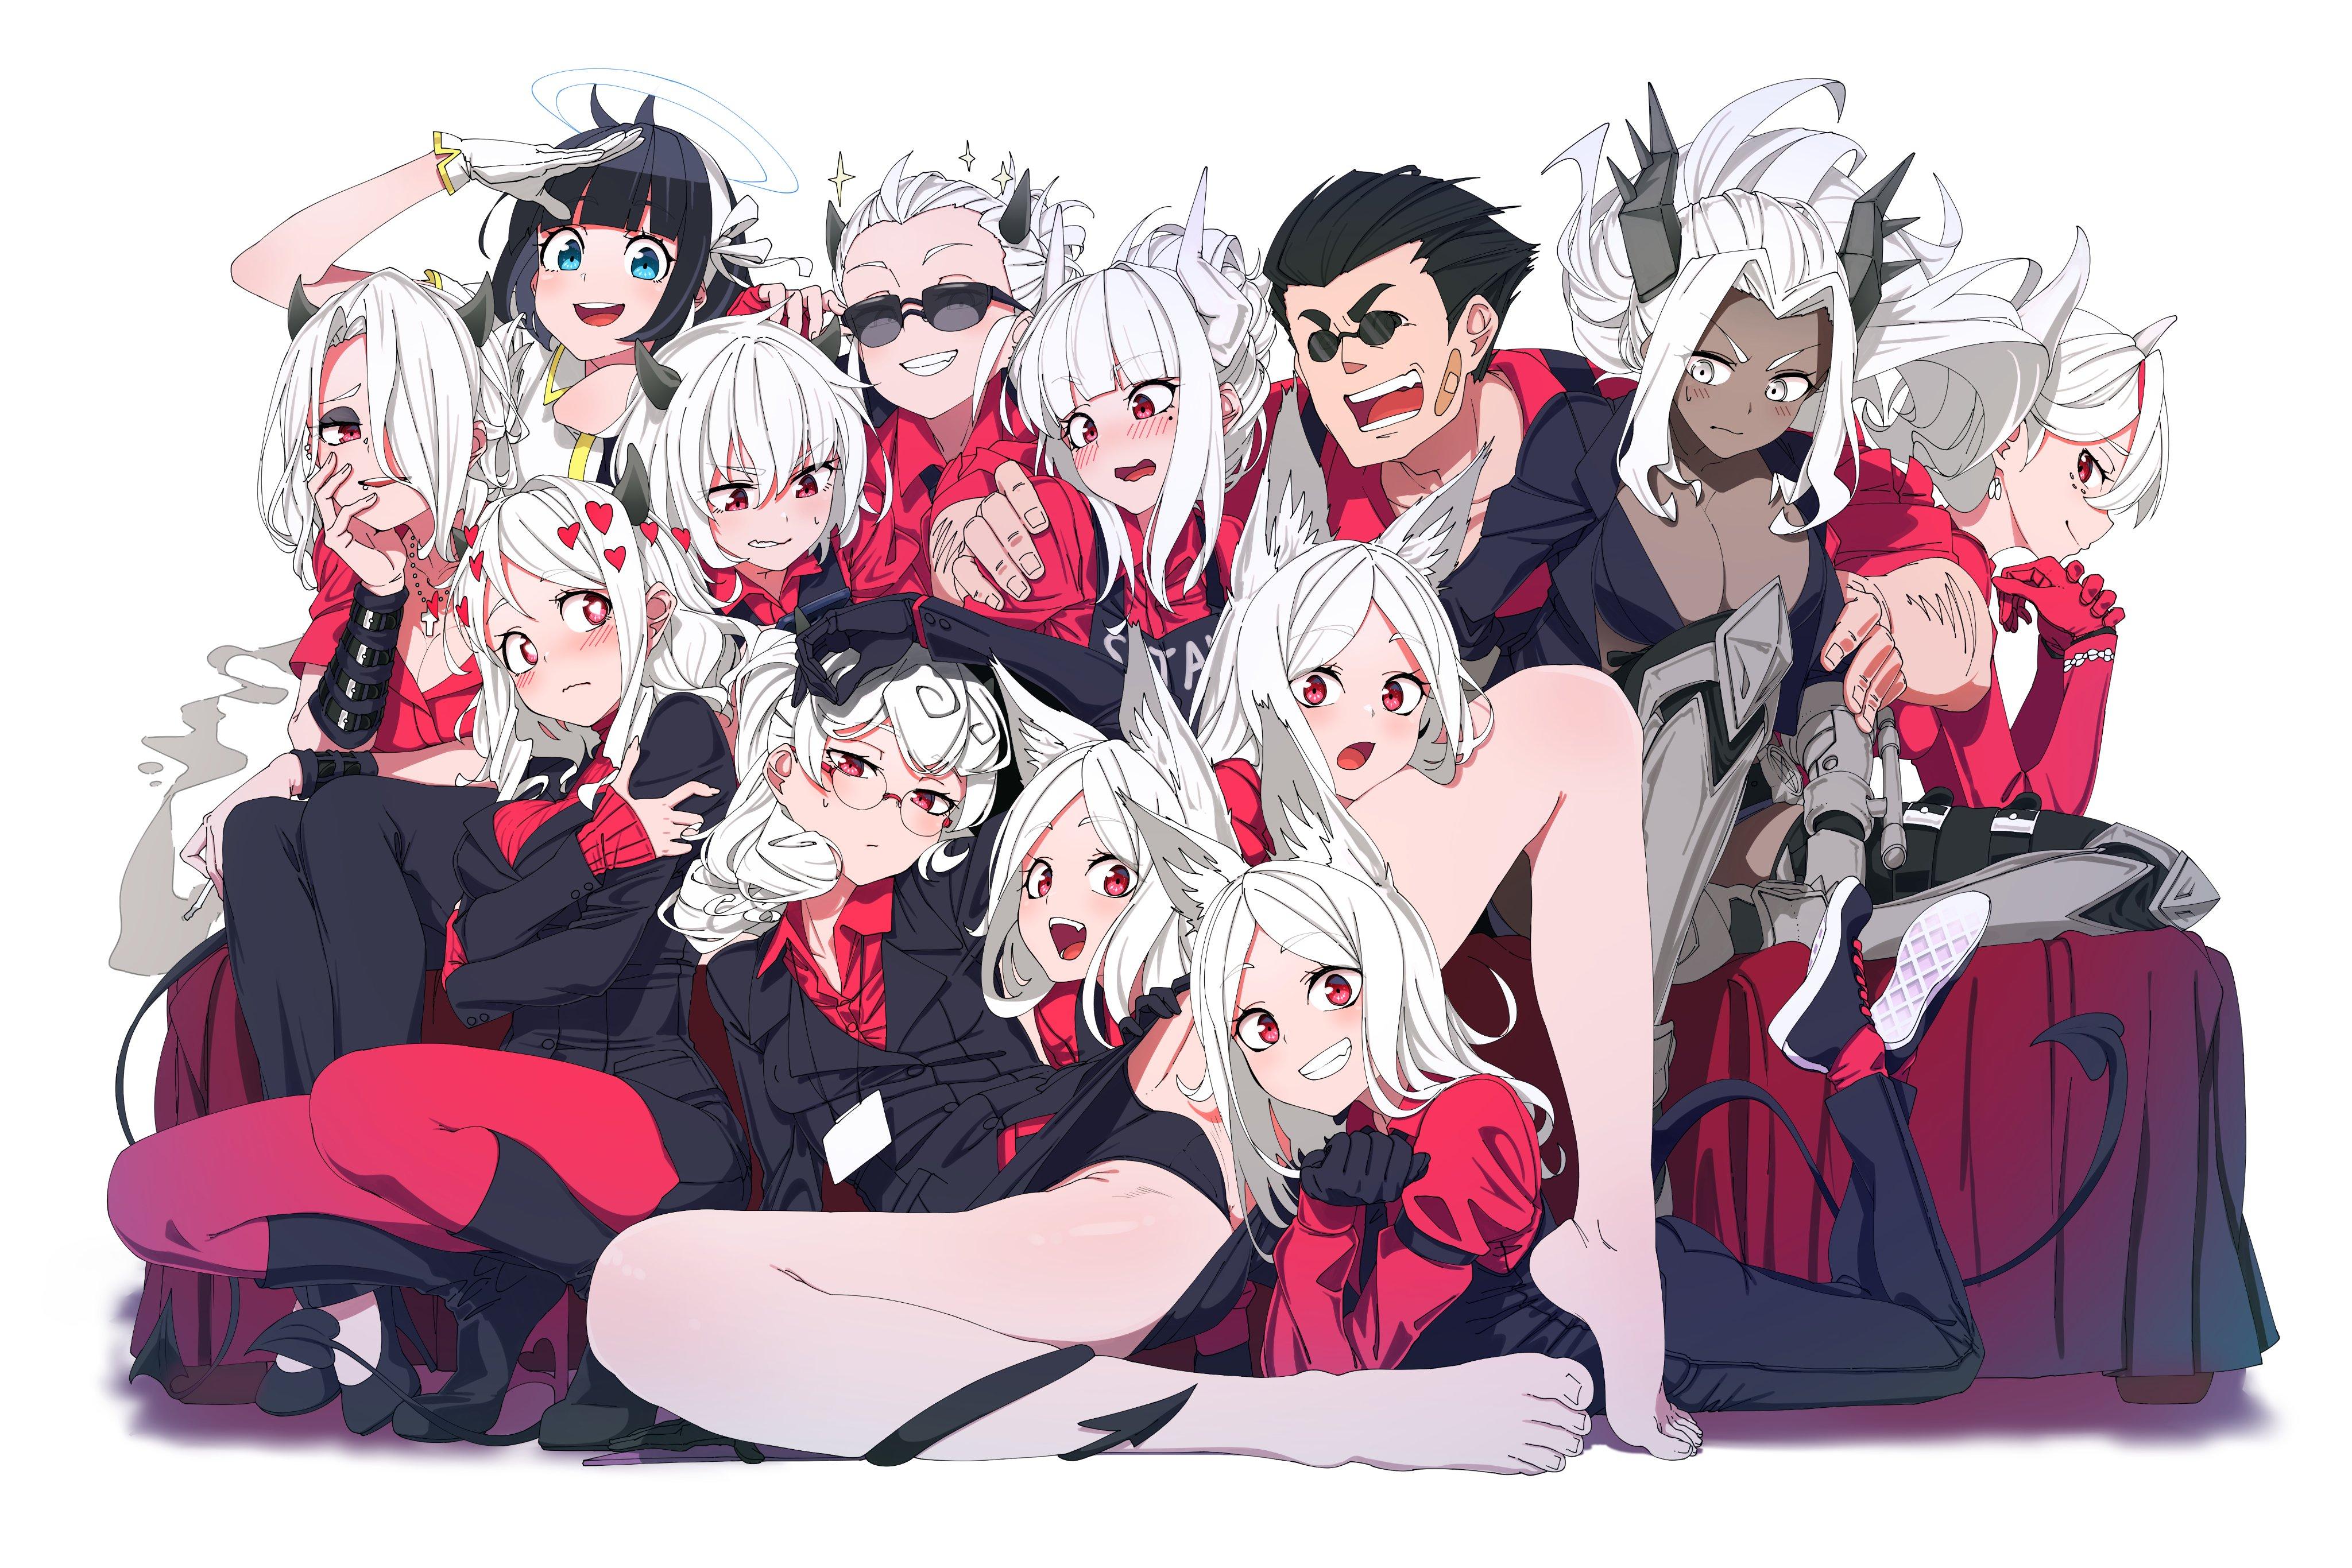 Anime 4096x2731 Helltaker Cerberus (Helltaker) Lucifer (Helltaker) Pandemonica (Helltaker) Modeus (Helltaker) anime anime girls demon girls white background white hair black thong spread legs